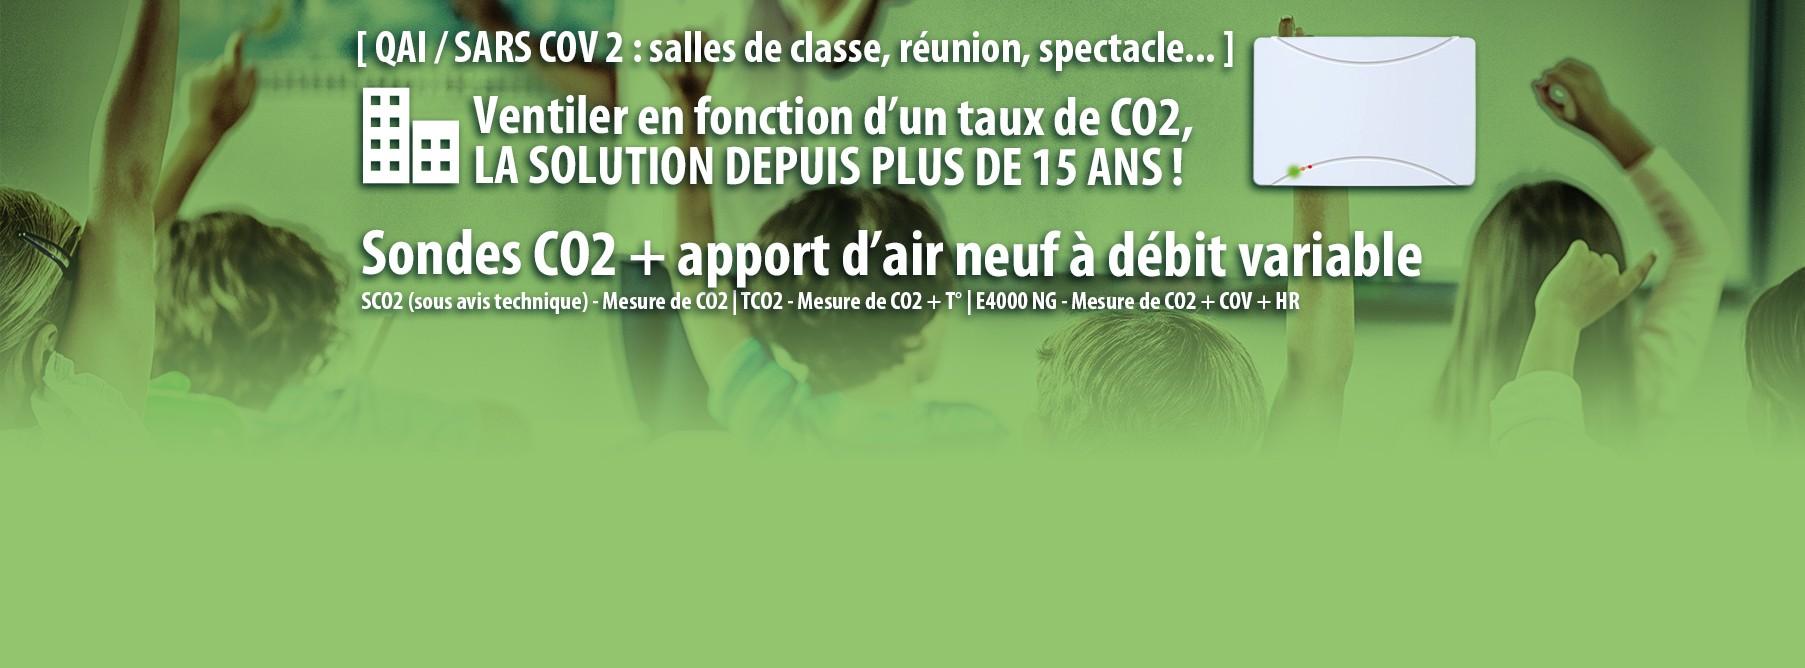 Ventiler en fonction du taux de CO2